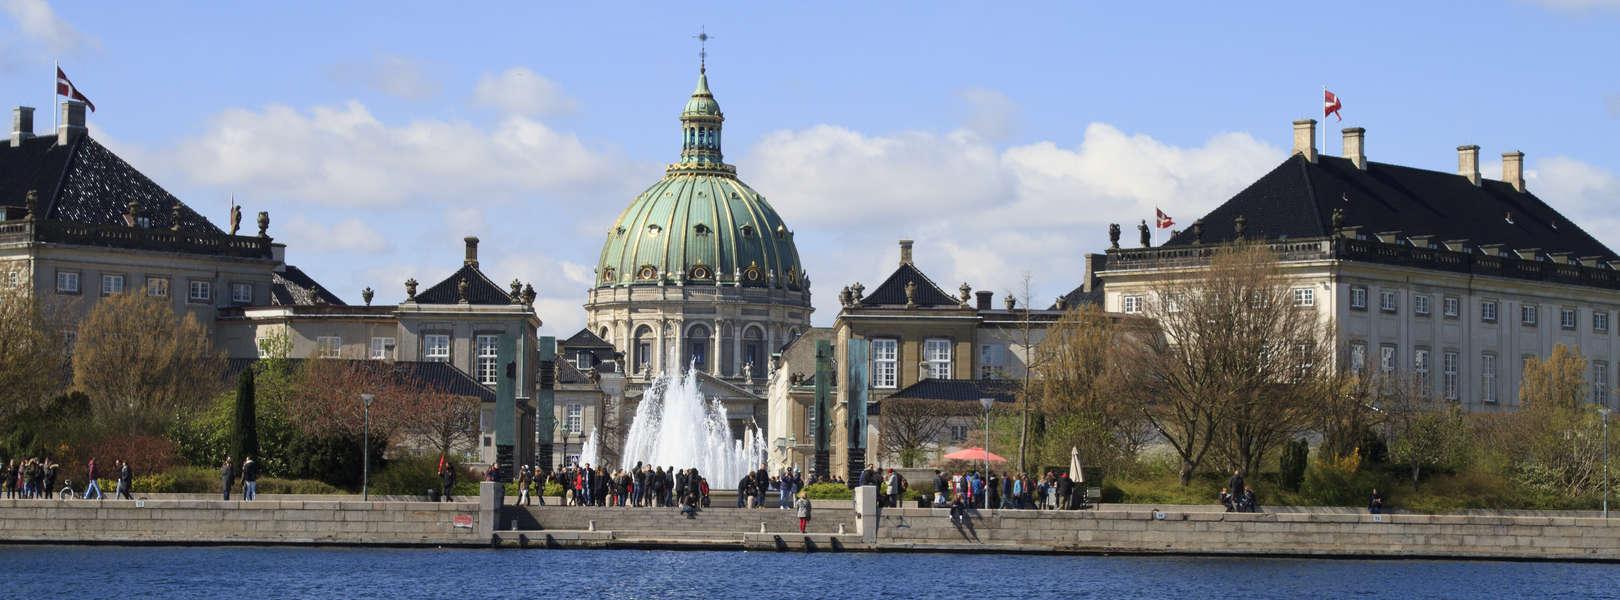 Blick vom Boot auf die Frederikskirche oder auch bekannt unter den Namen Marmorkirche